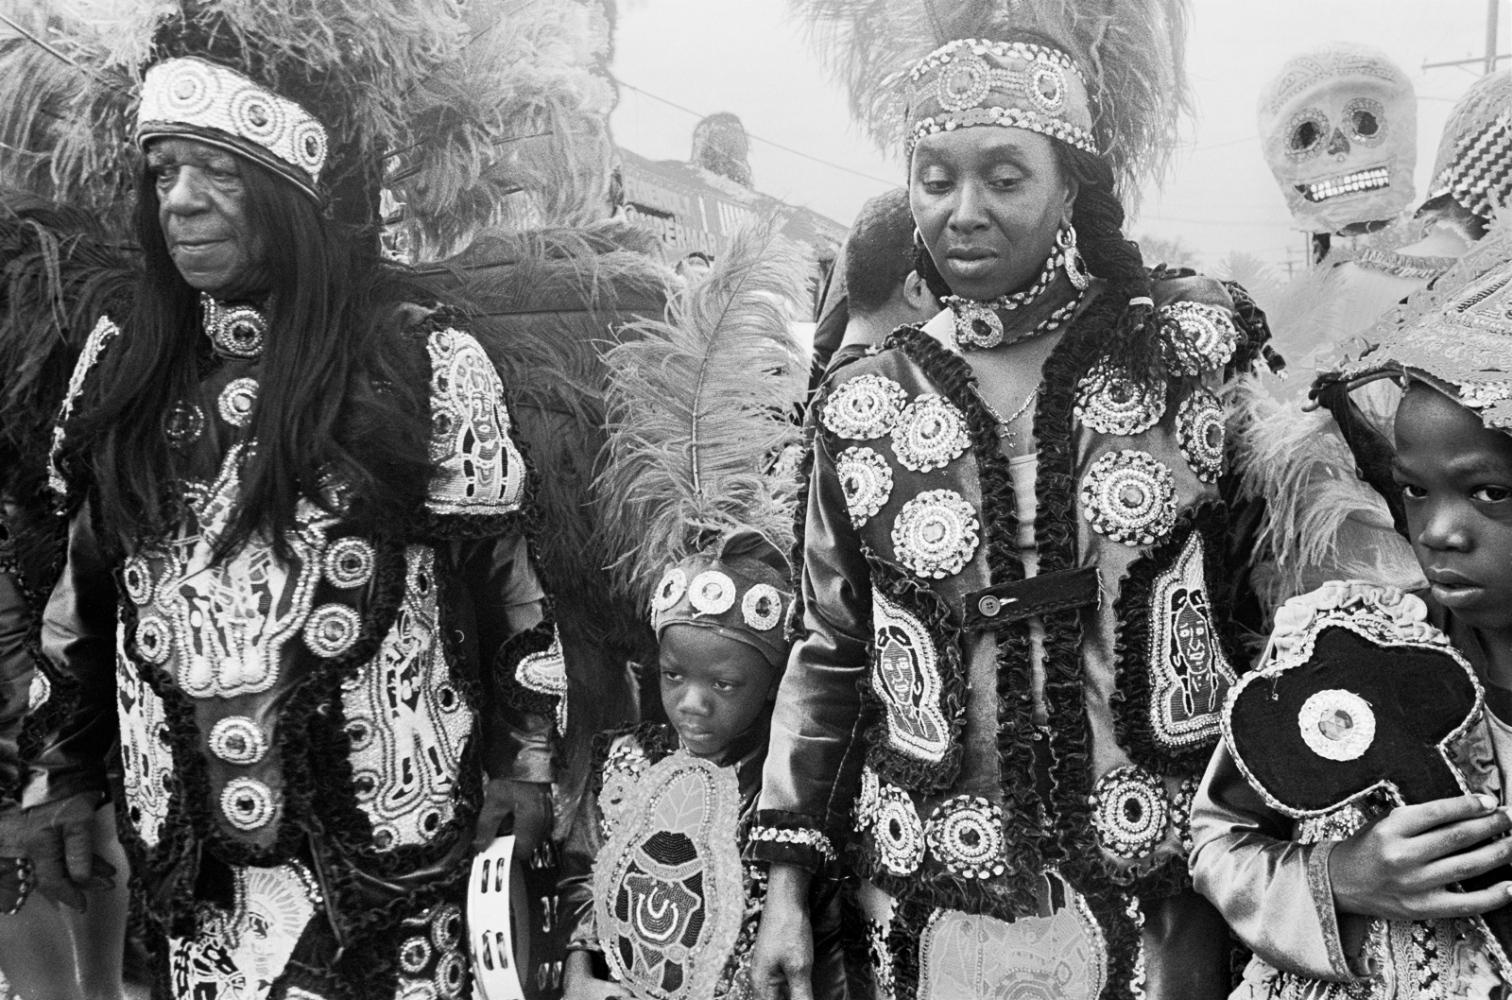 Mardi Gras Indians, New Orleans, LA, 15 March...